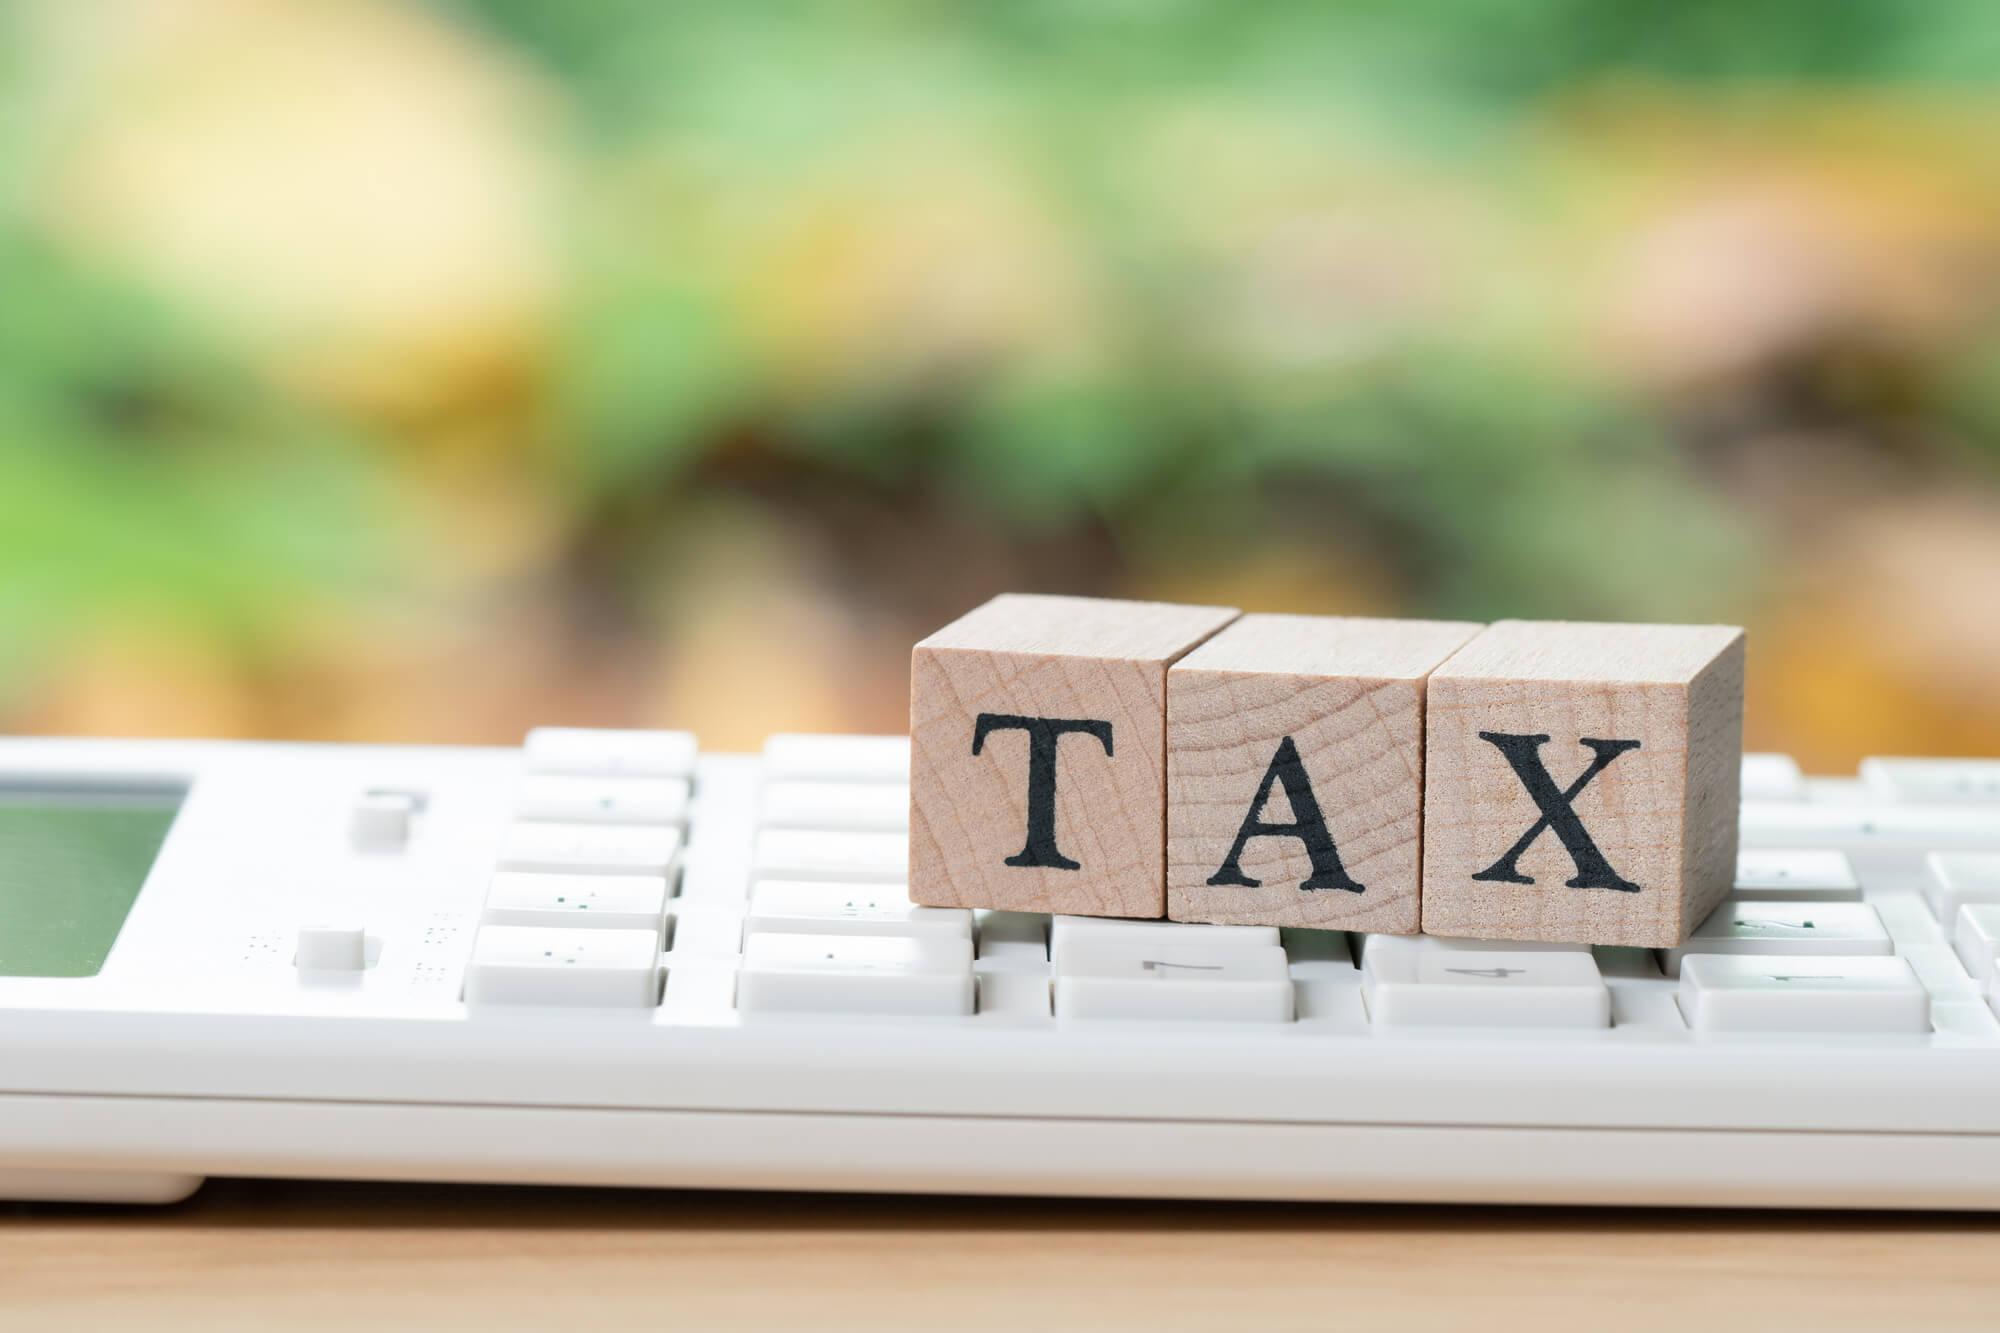 税金と電卓